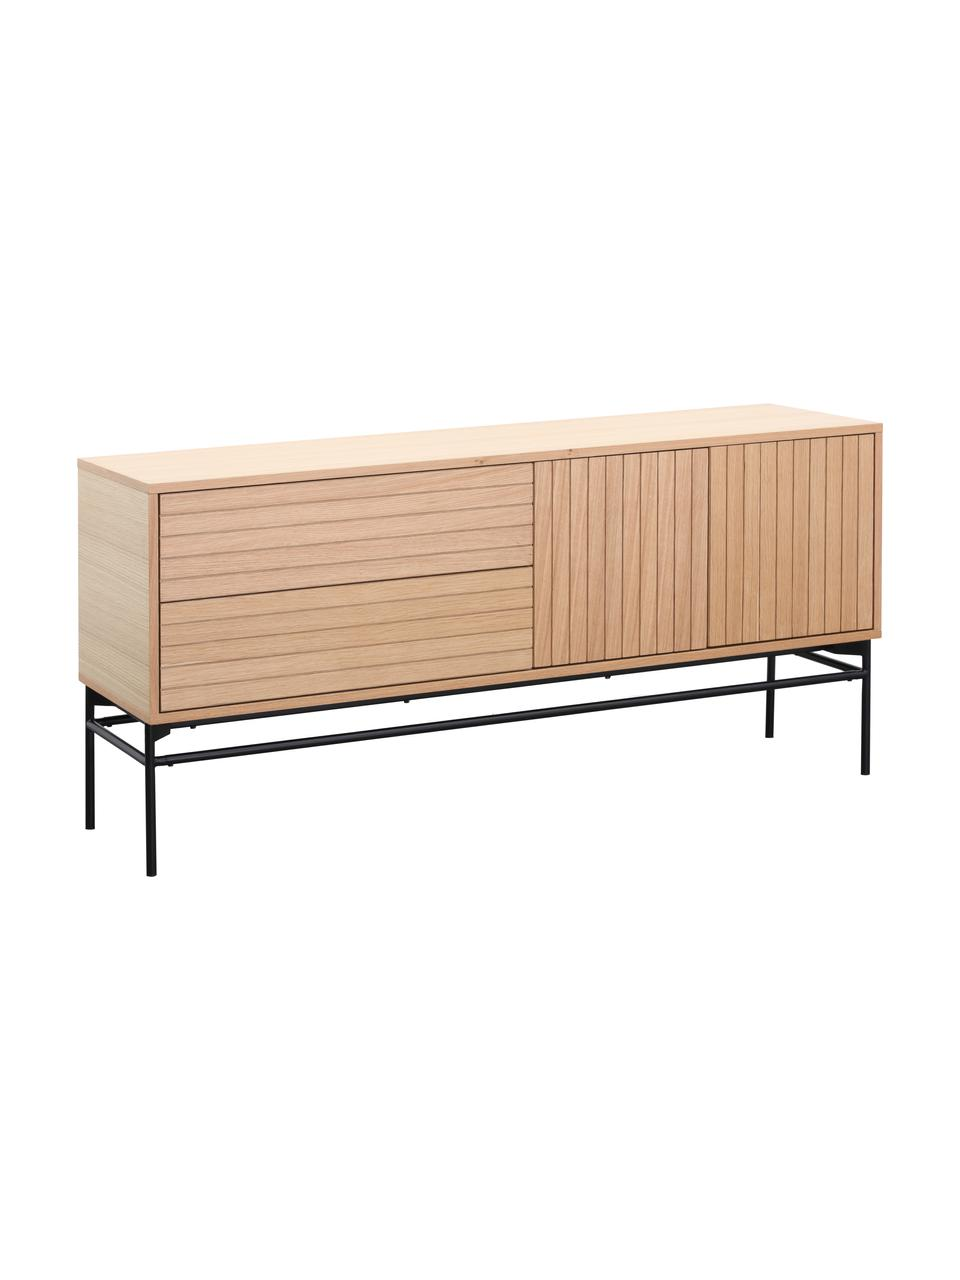 Modernes Sideboard Johan mit Türen und Eichenholzfurnier, Korpus: Mitteldichte Holzfaserpla, Füße: Metall, pulverbeschichtet, Korpus: EichenholzfurnierFüße: Schwarz, matt, 160 x 75 cm